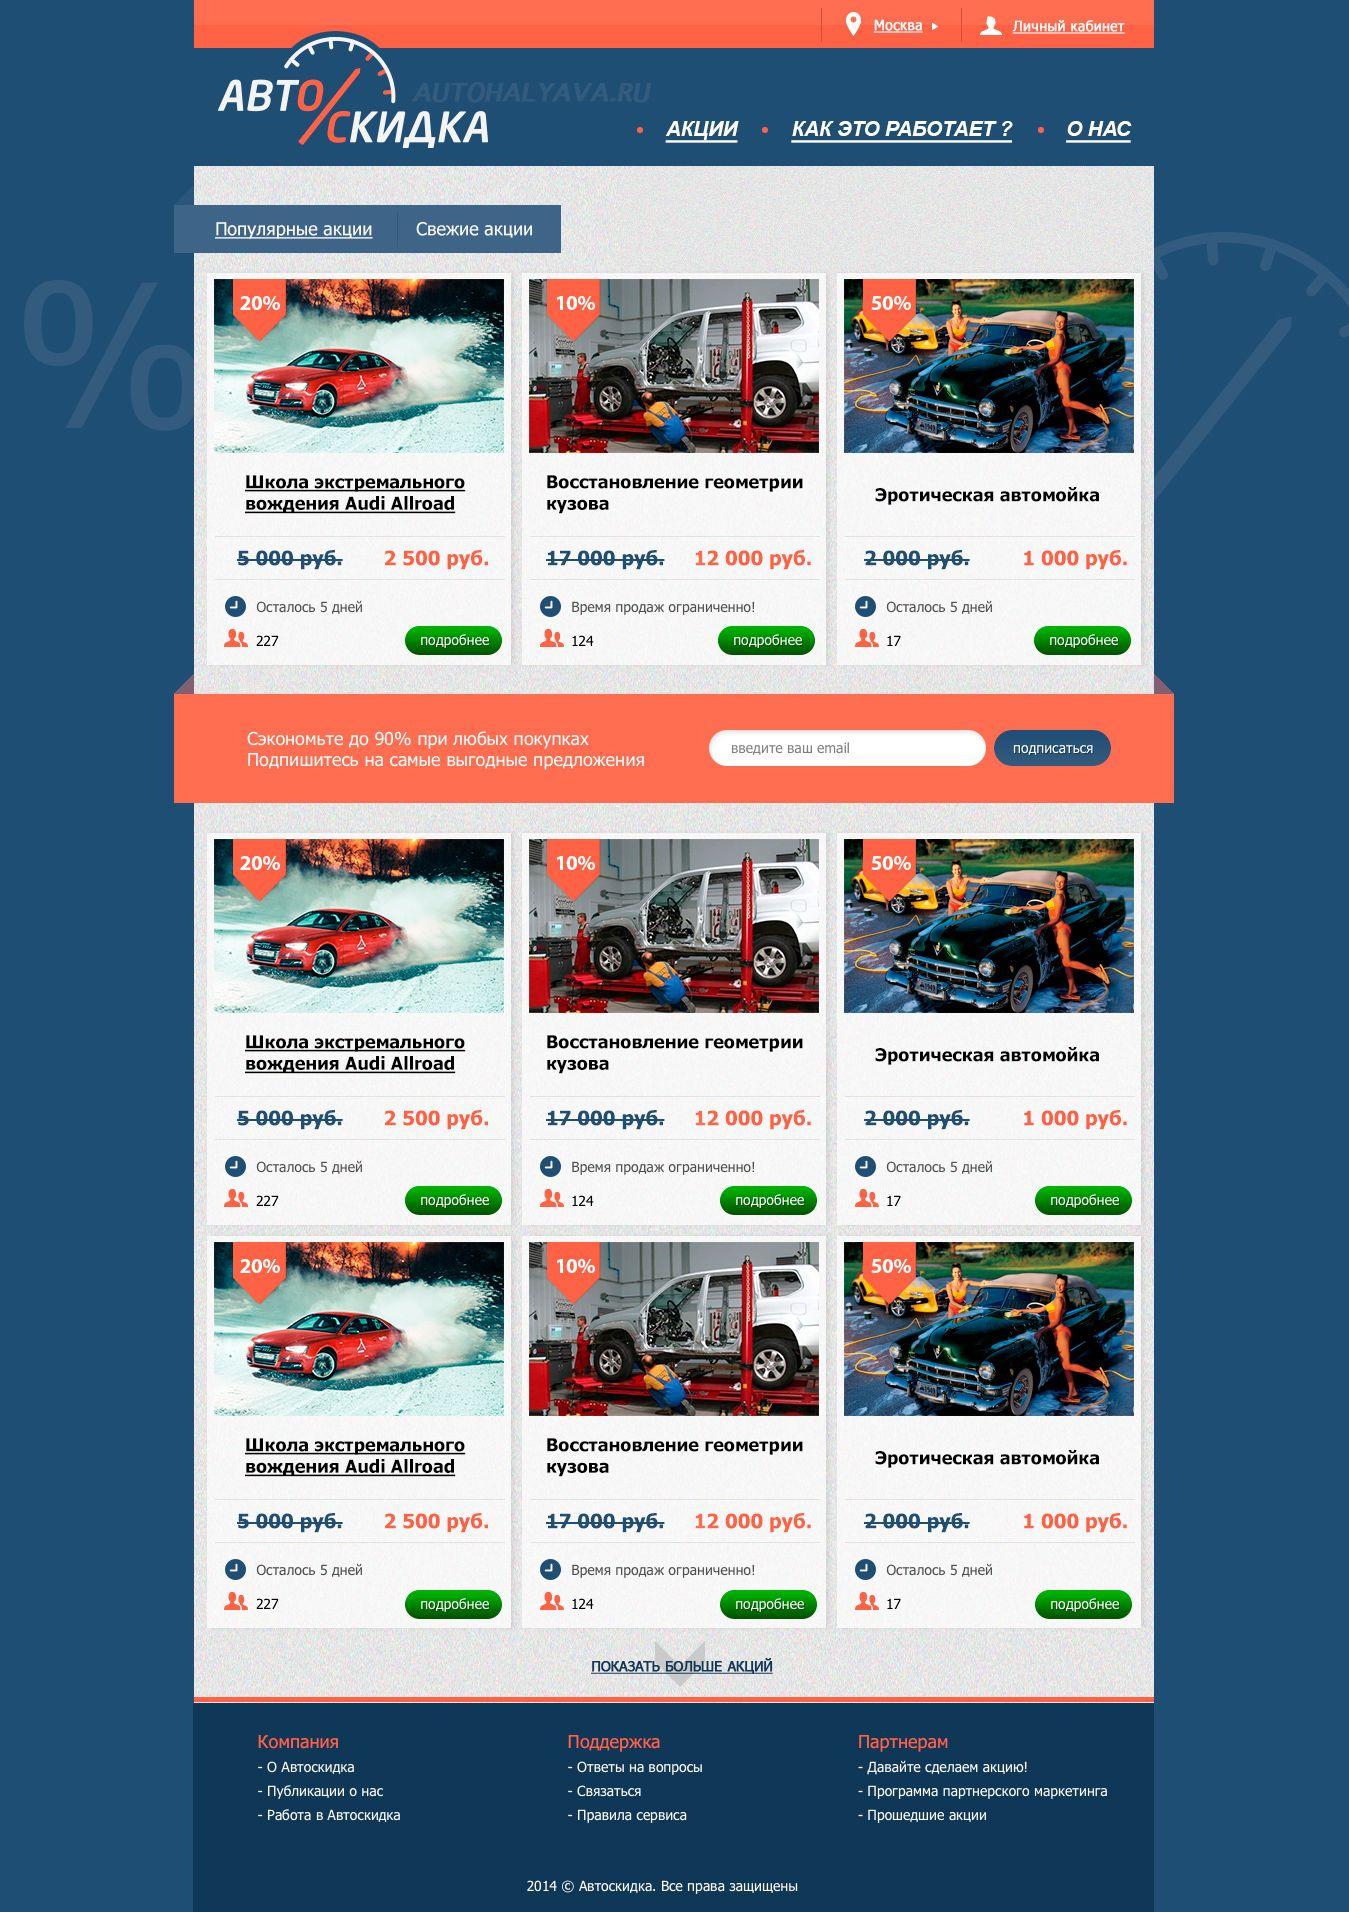 Дизайн сайта со скидками для автовладельцев - дизайнер web_job